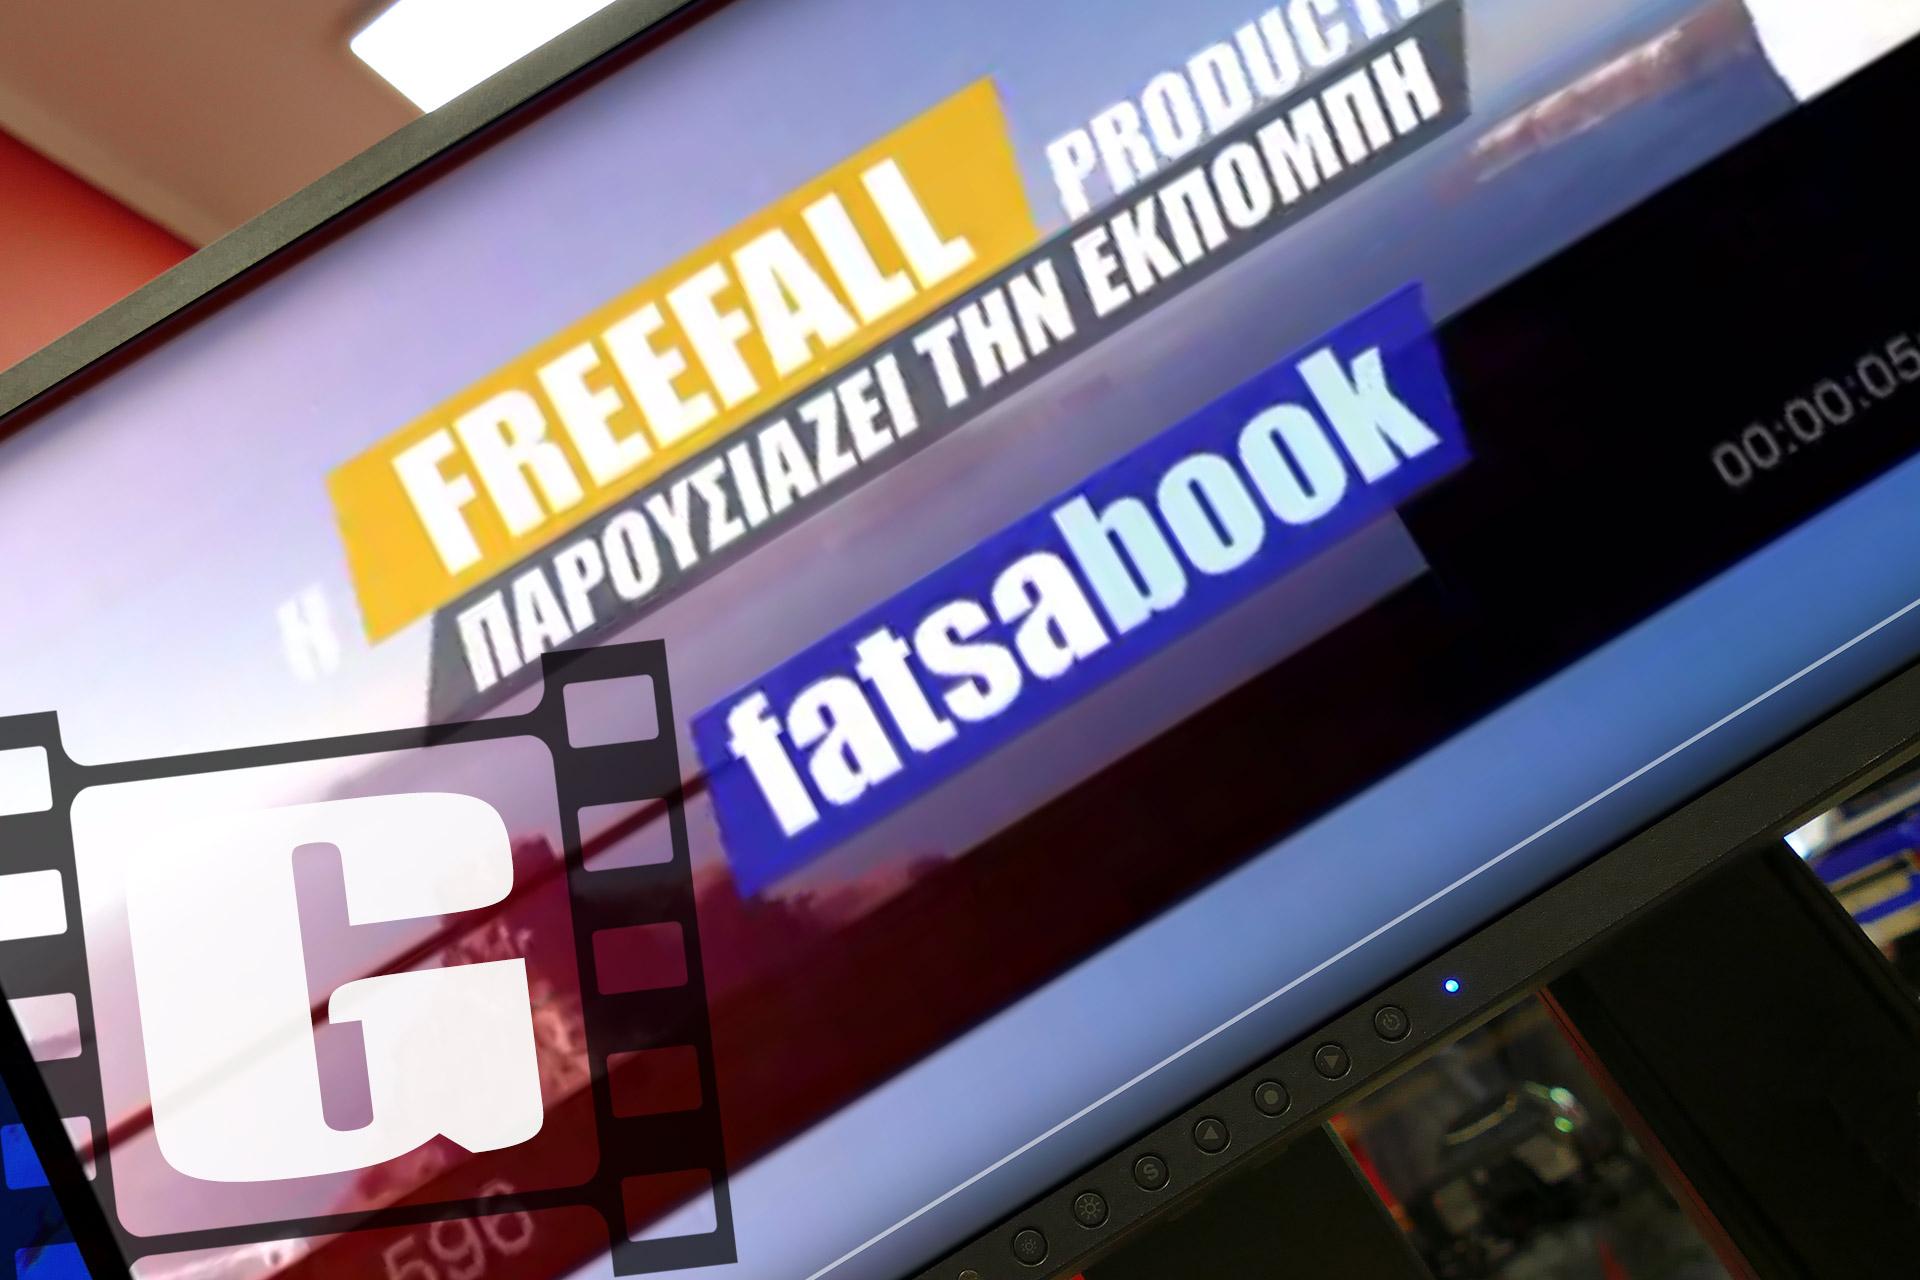 Fatsabook Kostas Mantzios